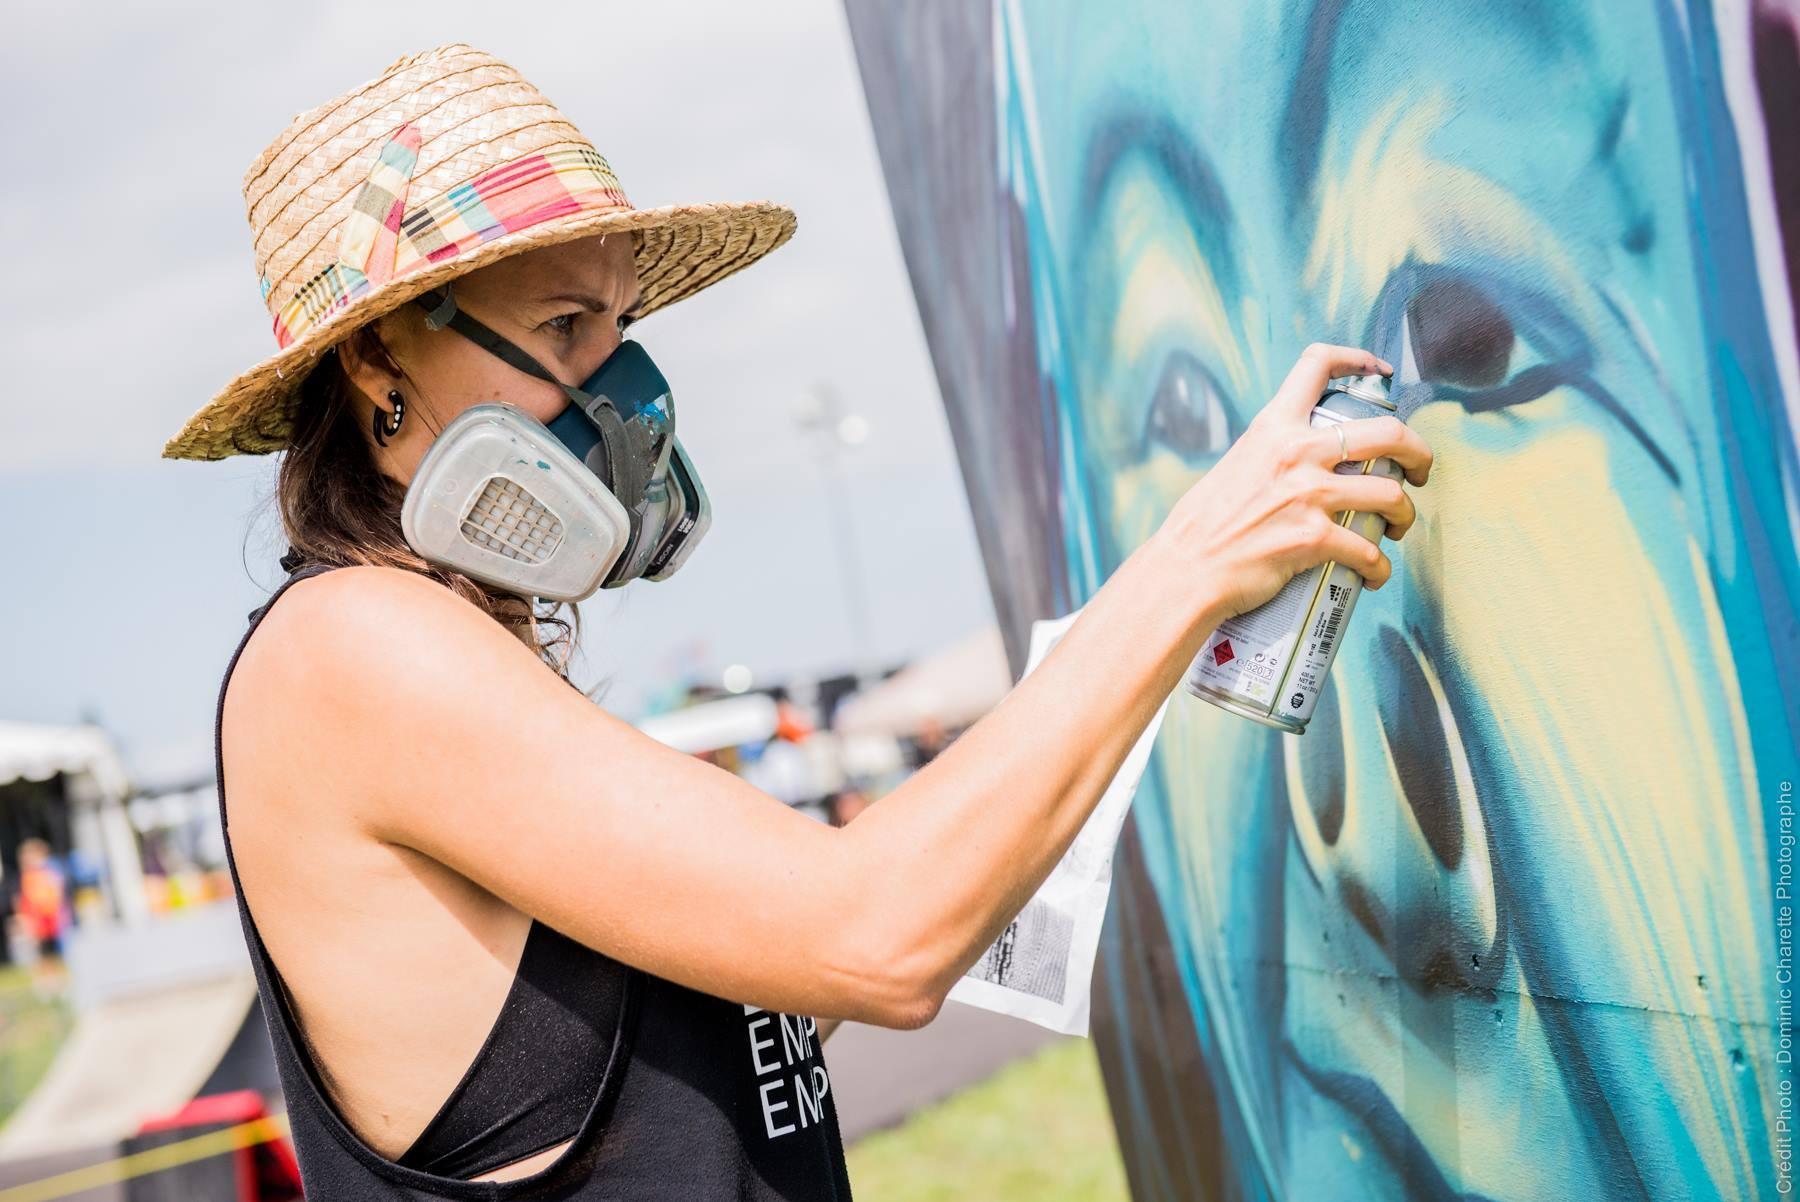 Maria-Rosa en pleine action lors de la réalisation d'une murale dans le cadre d'un concours de graffitis lors de la plus récente édition du Festival de Montgolfières de Gatineau (2018).